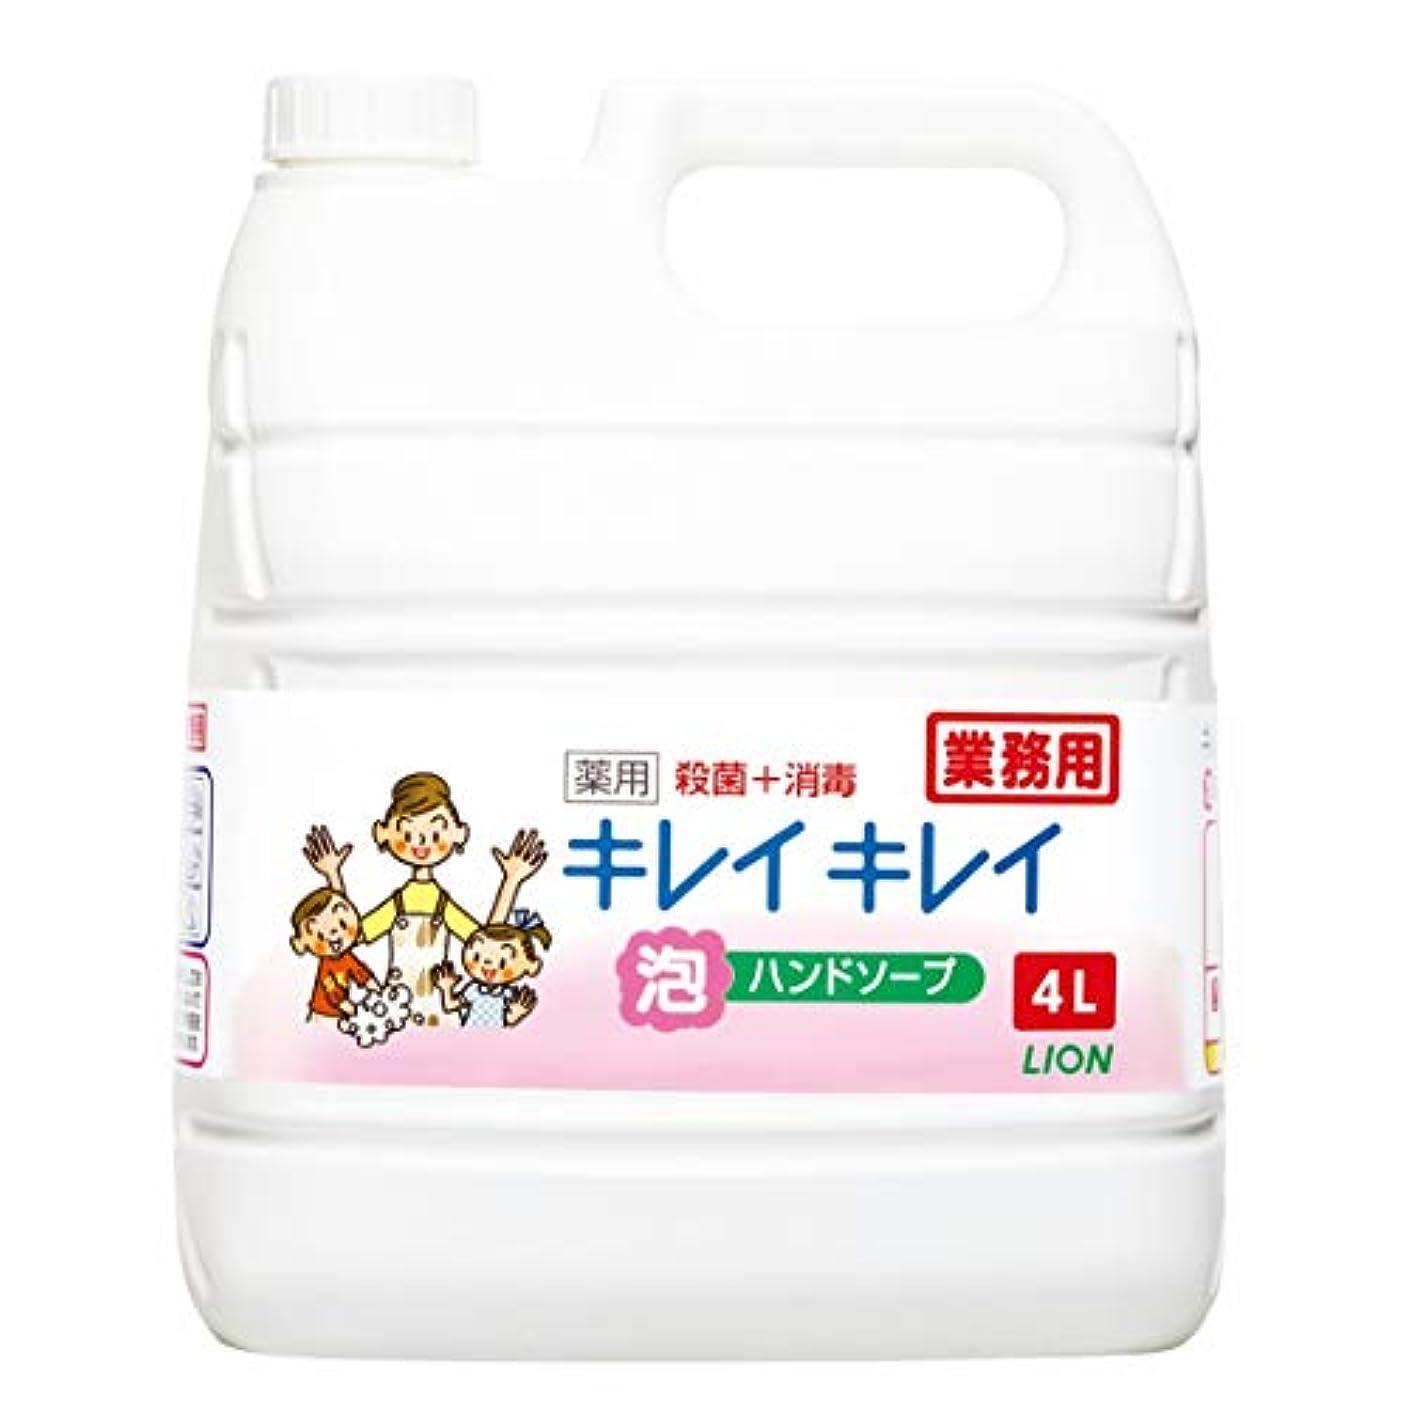 さわやかかるレース【Amazon.co.jp限定】 キレイキレイ 【業務用 大容量】薬用 泡ハンドソープ シトラスフルーティの香り (医薬部外品) 液体 詰替え用 4L